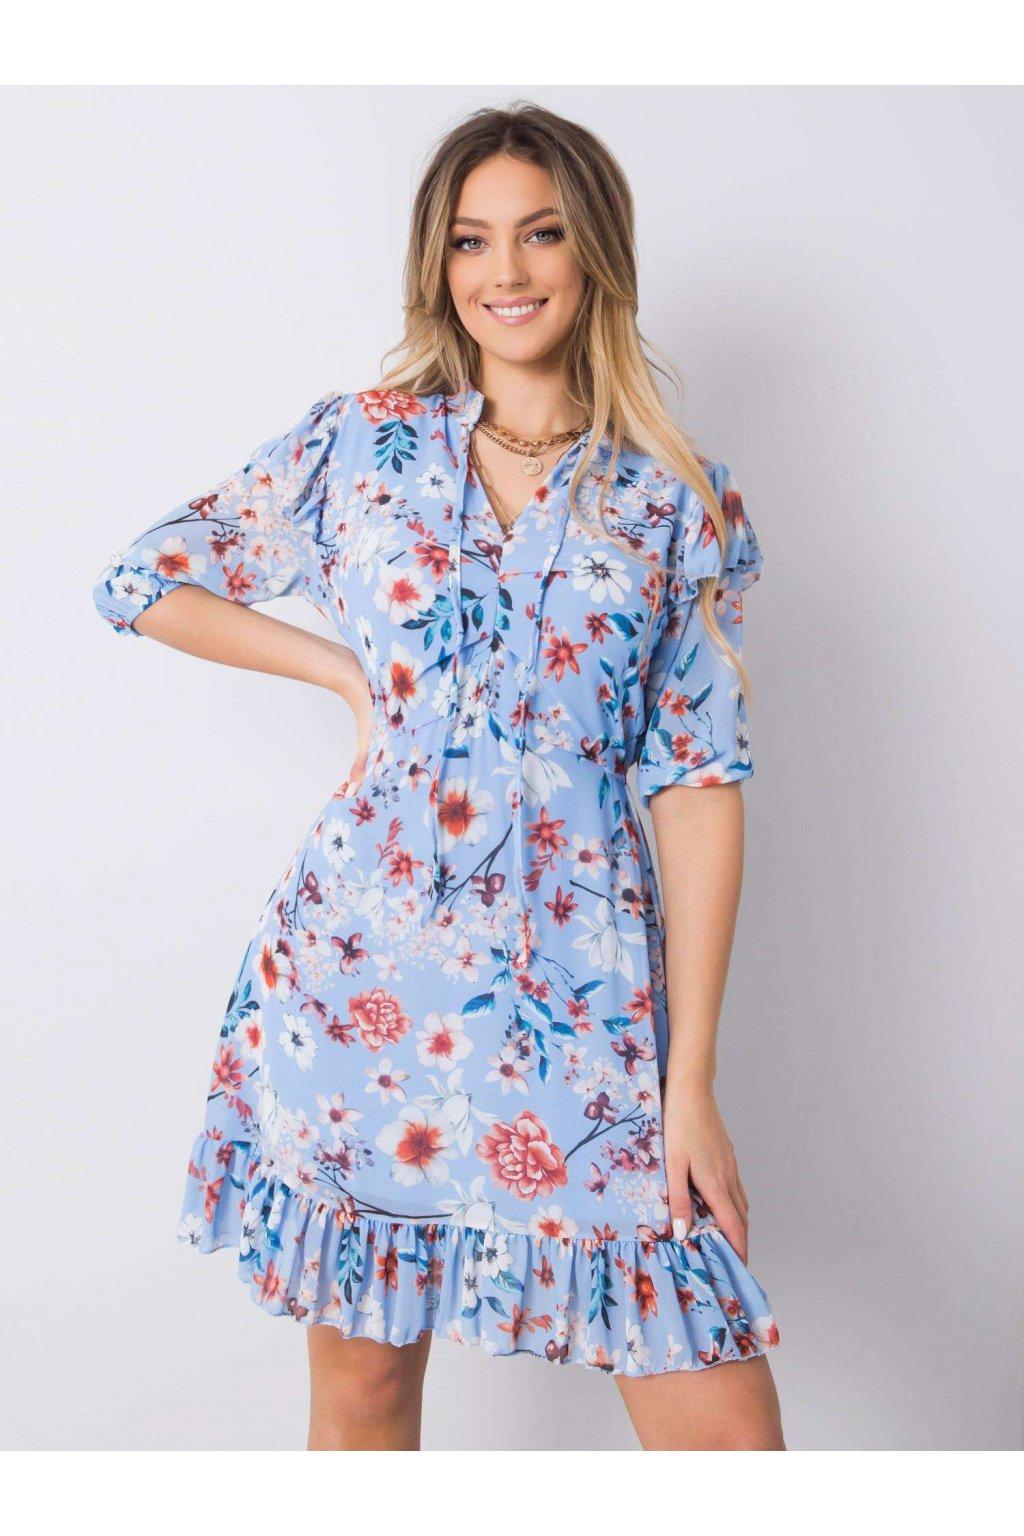 pol pl Niebieska sukienka w kwiaty Verity 364092 1